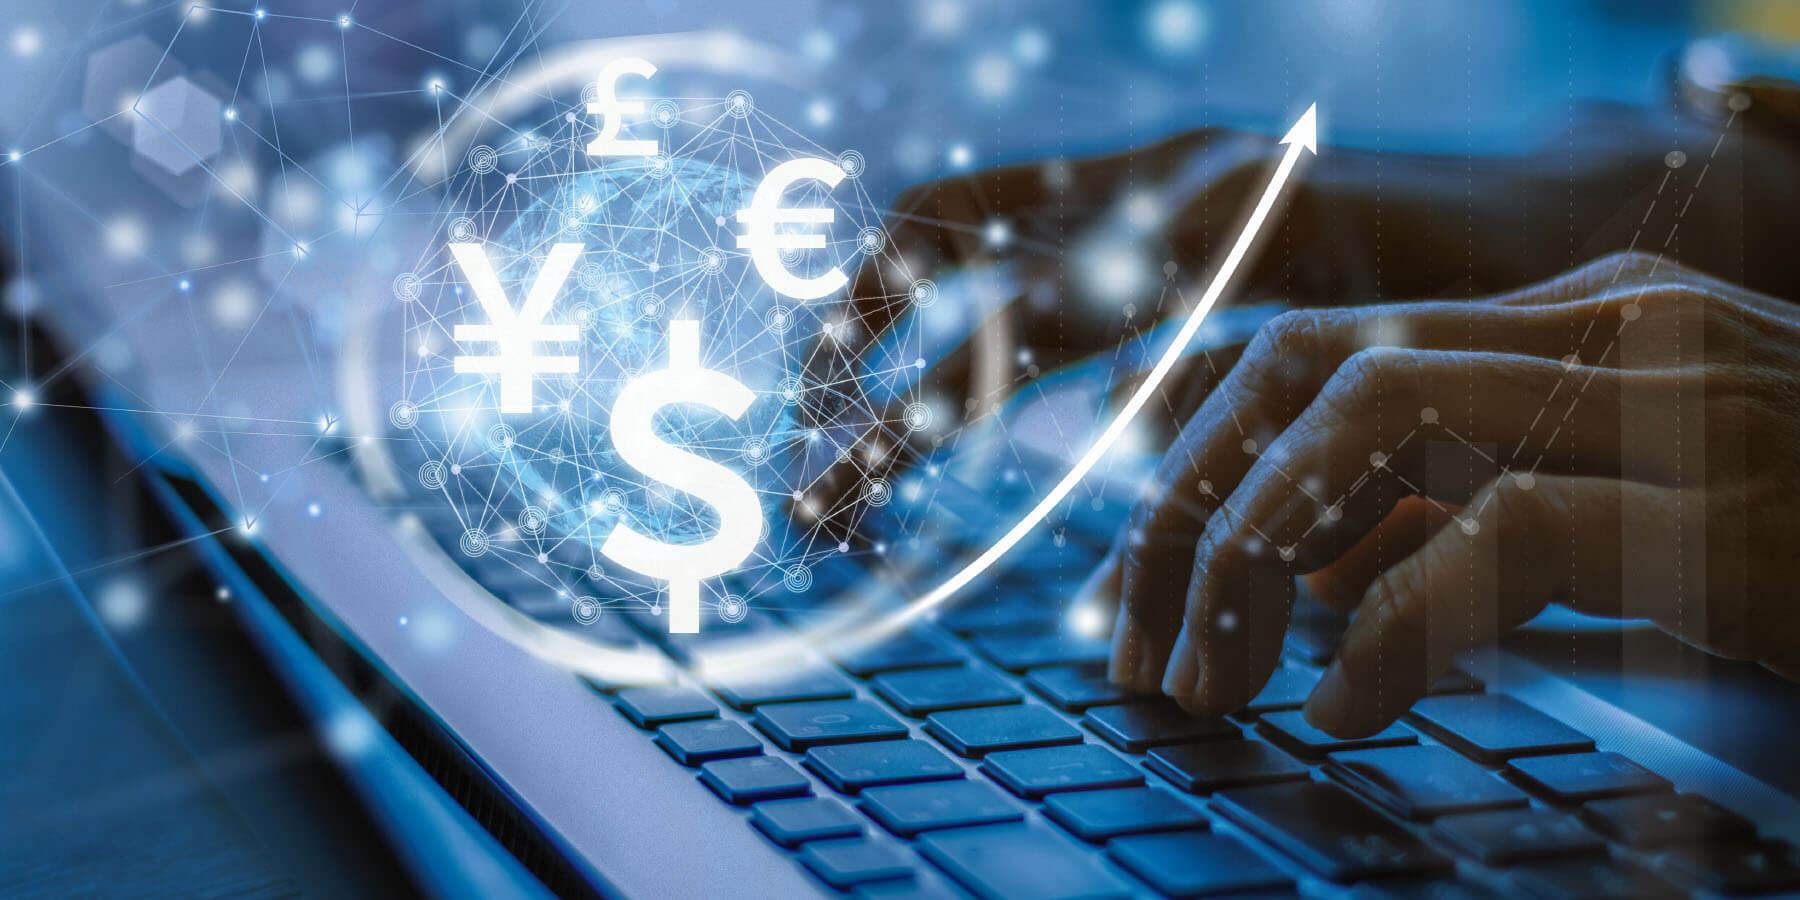 Acelere el desarrollo de aplicaciones financieras mediante la creación rápida de prototipos